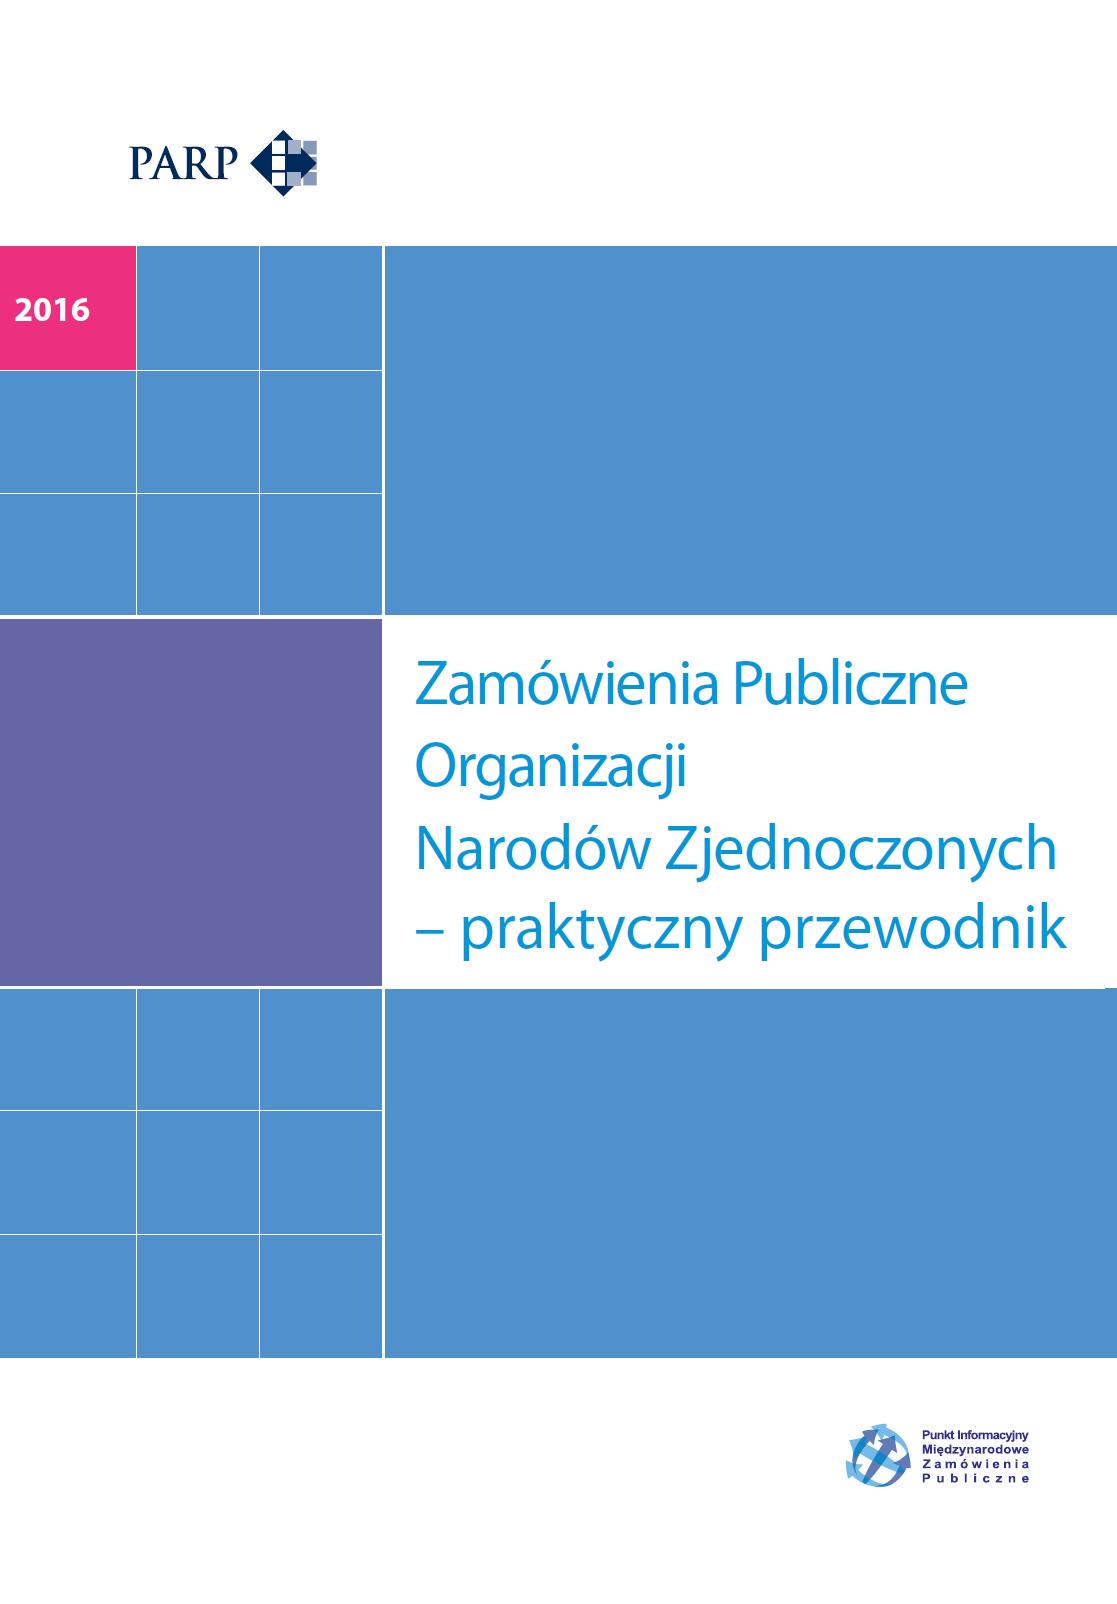 Zamówienia Publiczne Organizacji Narodów Zjednoczonych – praktyczny przewodnik, Wydanie I, 2016